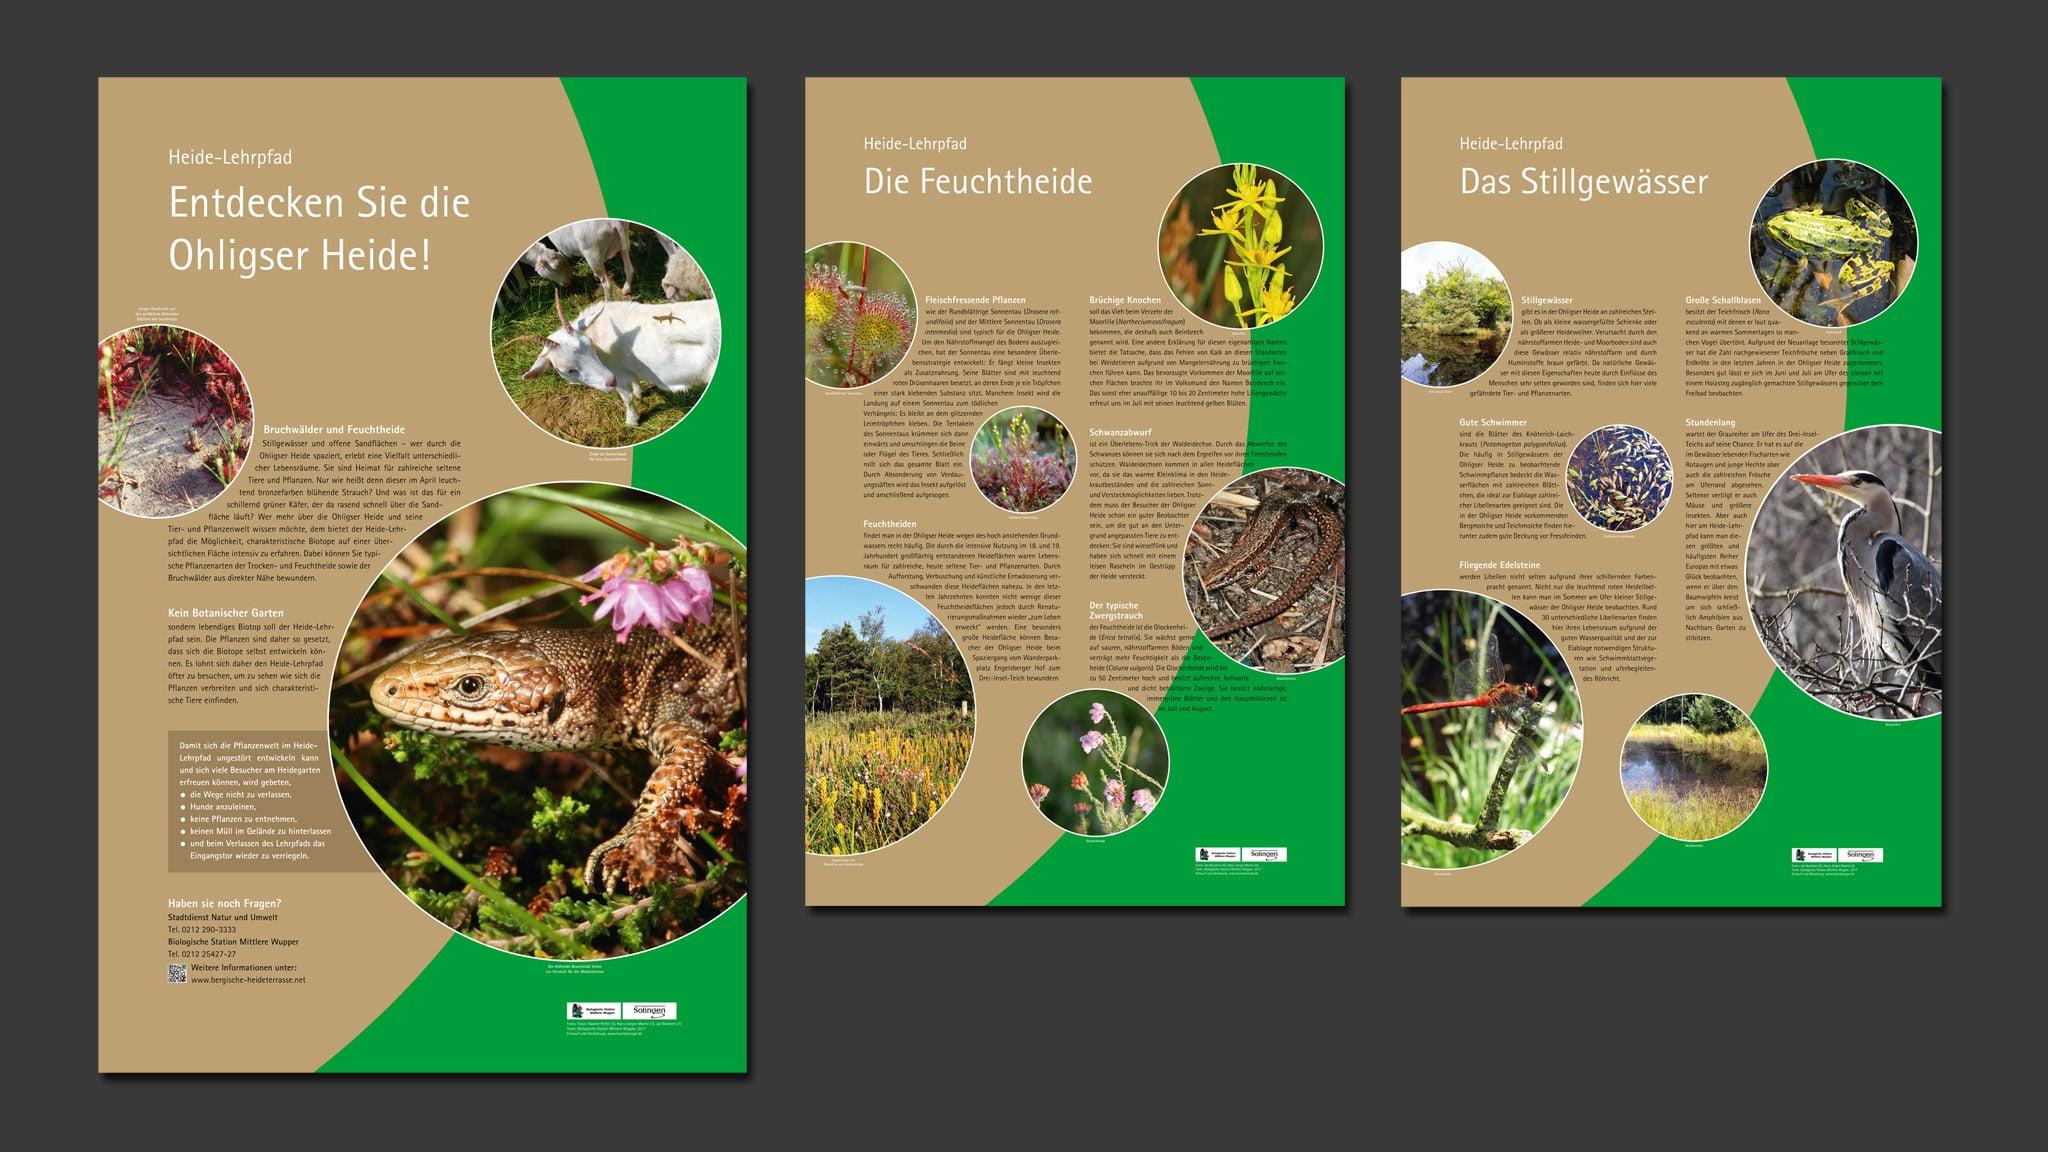 Infotafeln für den Heide-Lehrpfad